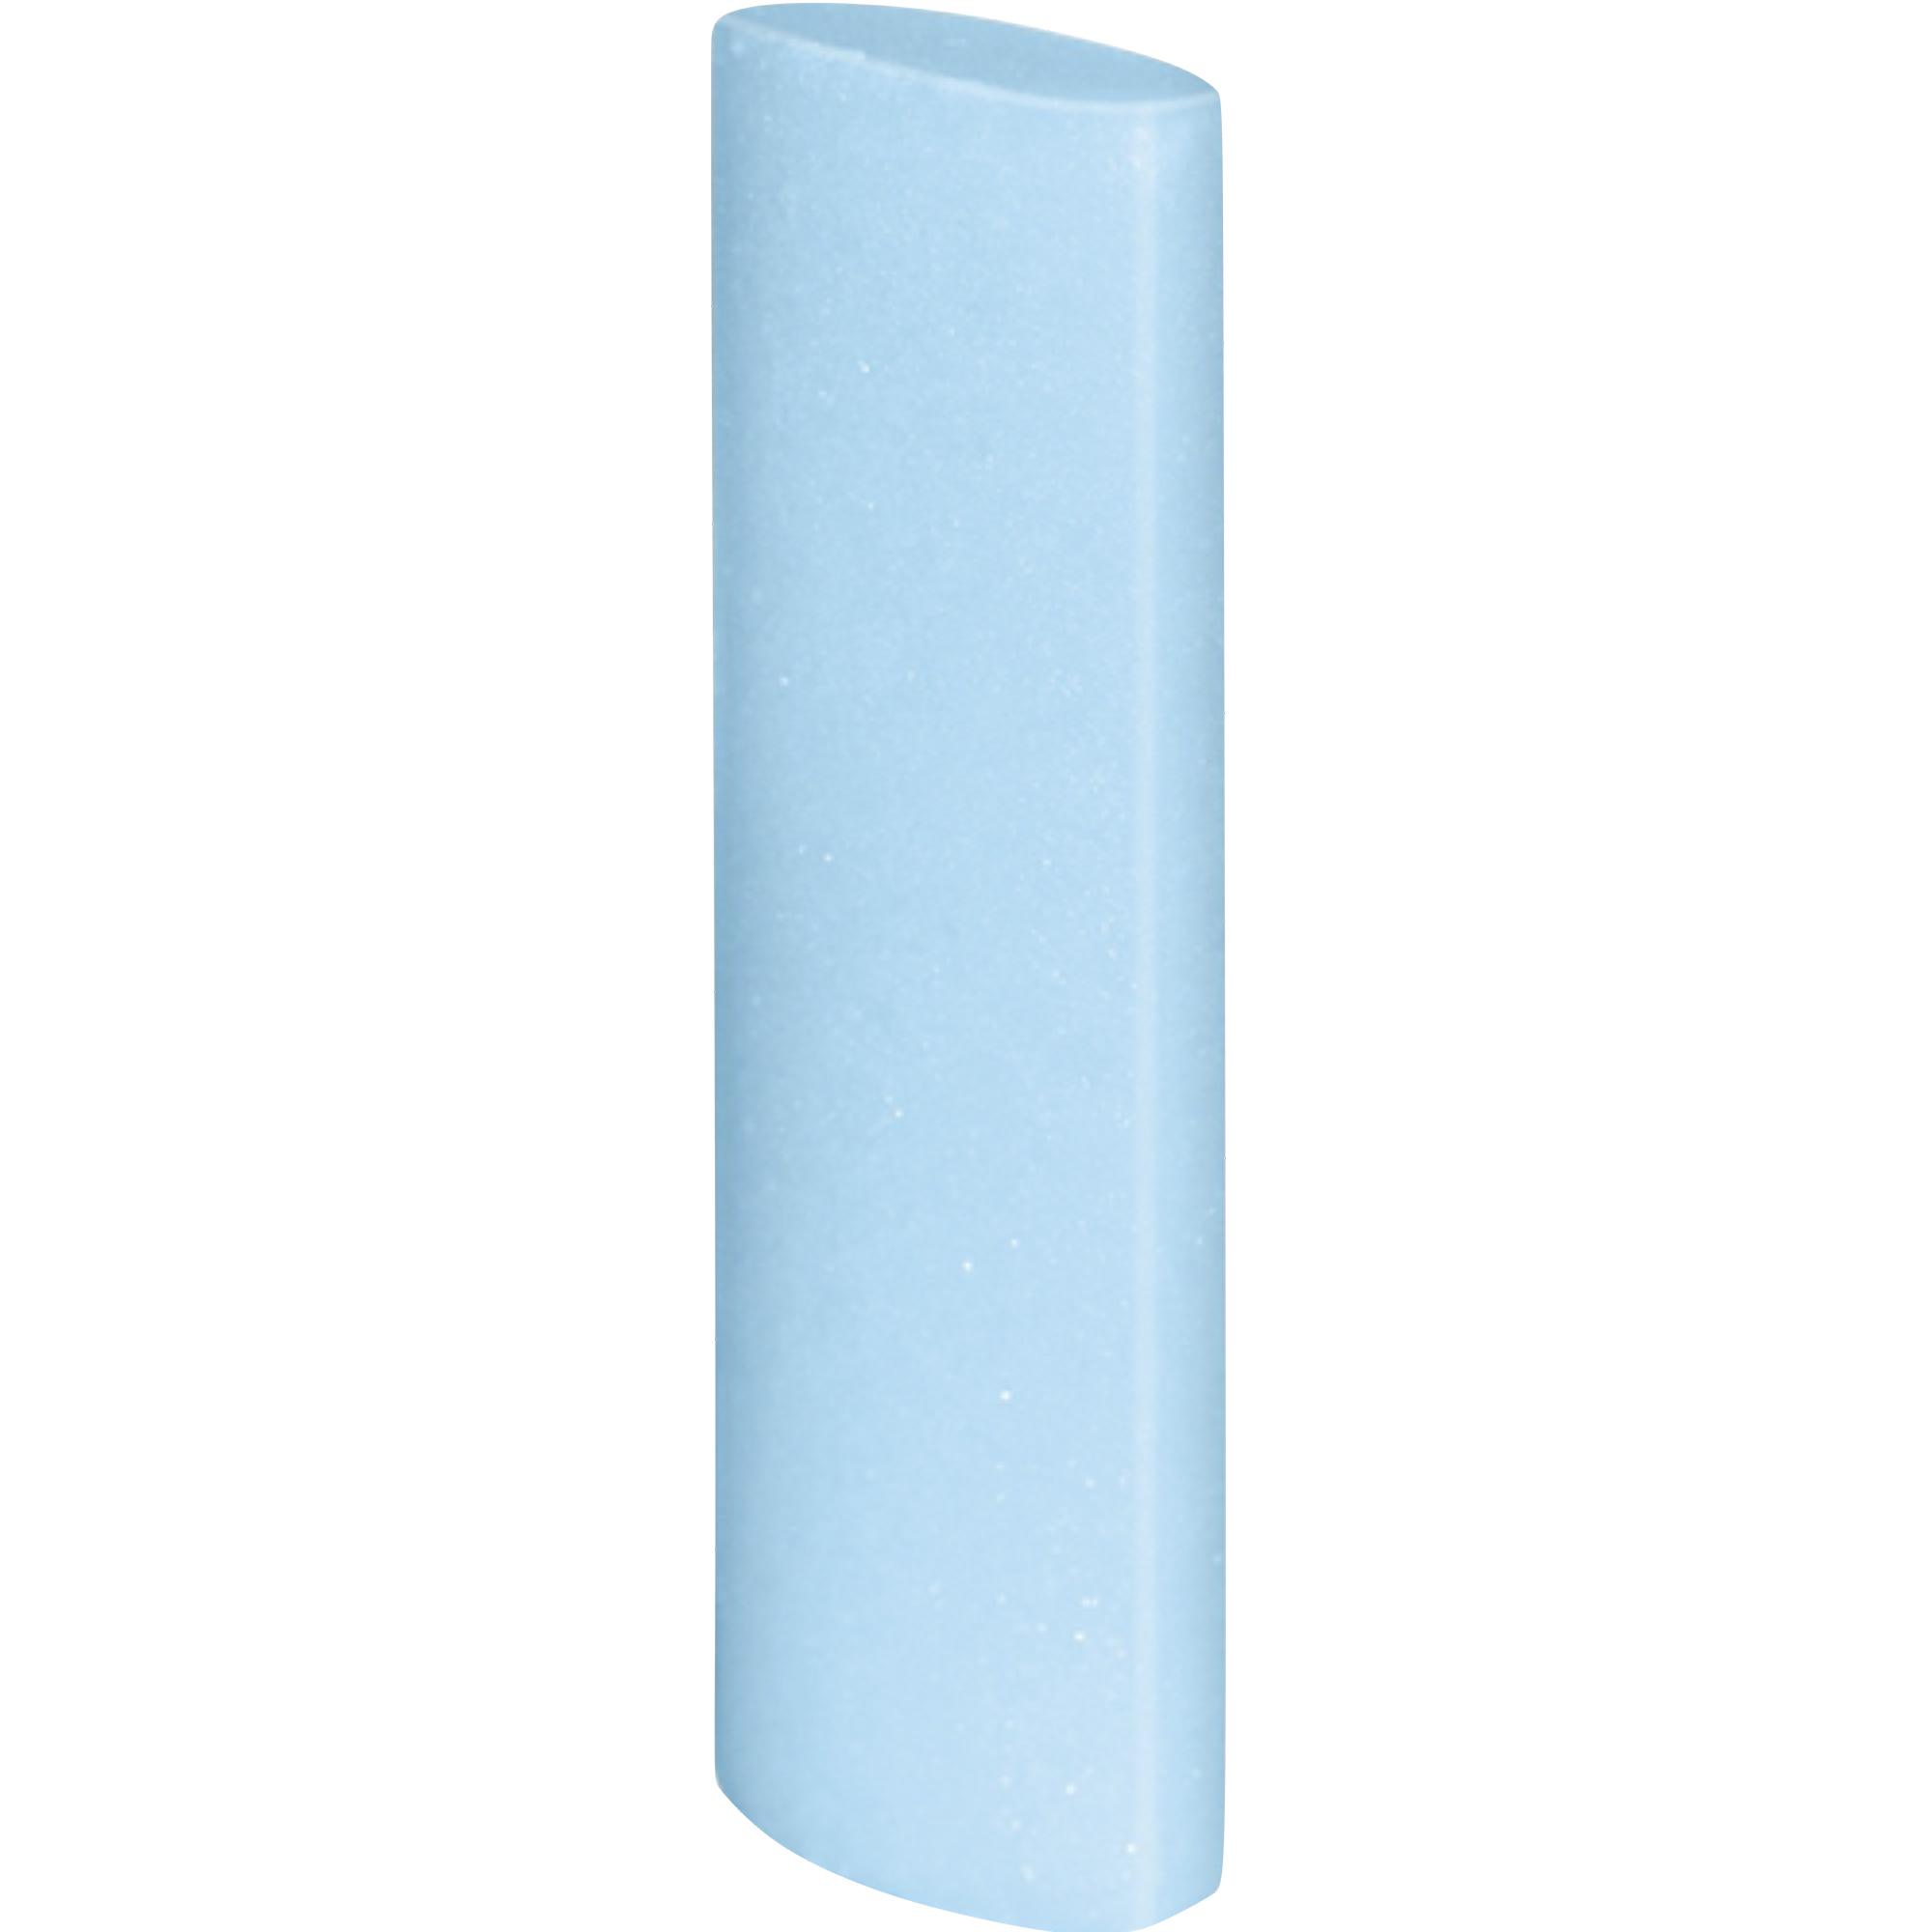 Pastiblock Wiese barra aromatica y desinfectante para sanitarios de 350 gr 1